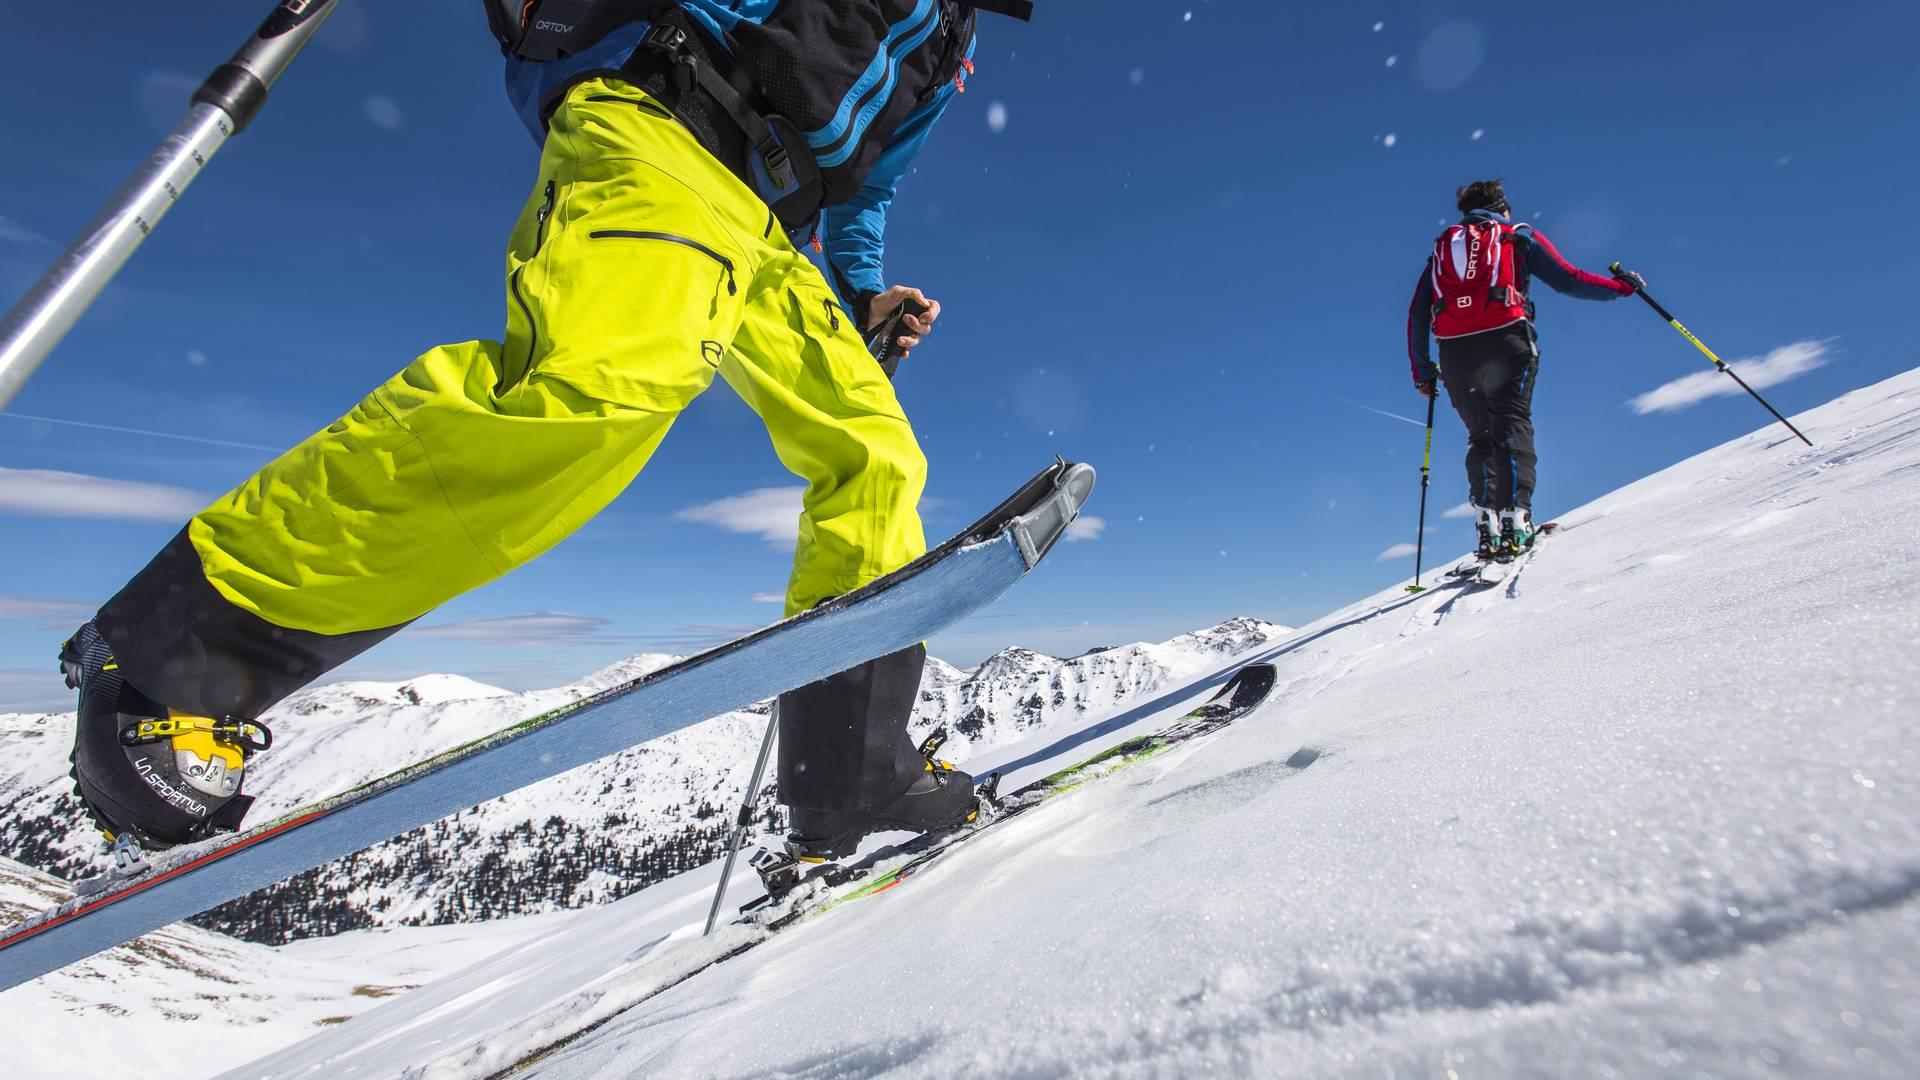 Nockberge Trail Spitzkehrentechnik Skitourengehen